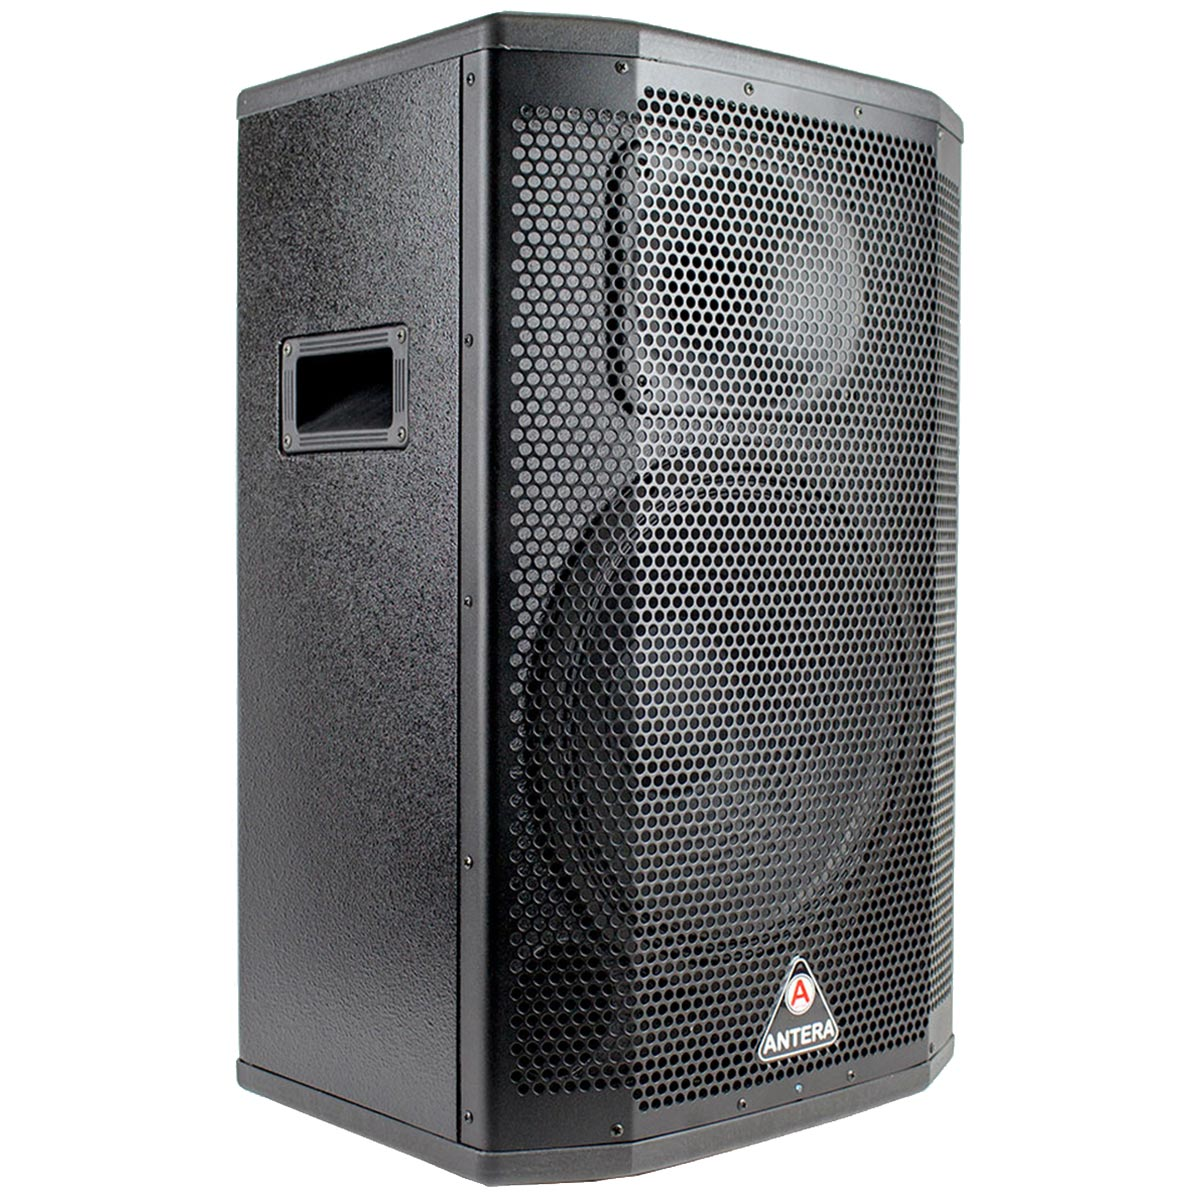 Caixa Ativa Fal 15 Pol 200W c/ USB / Bluetooth - SC 15 A Antera